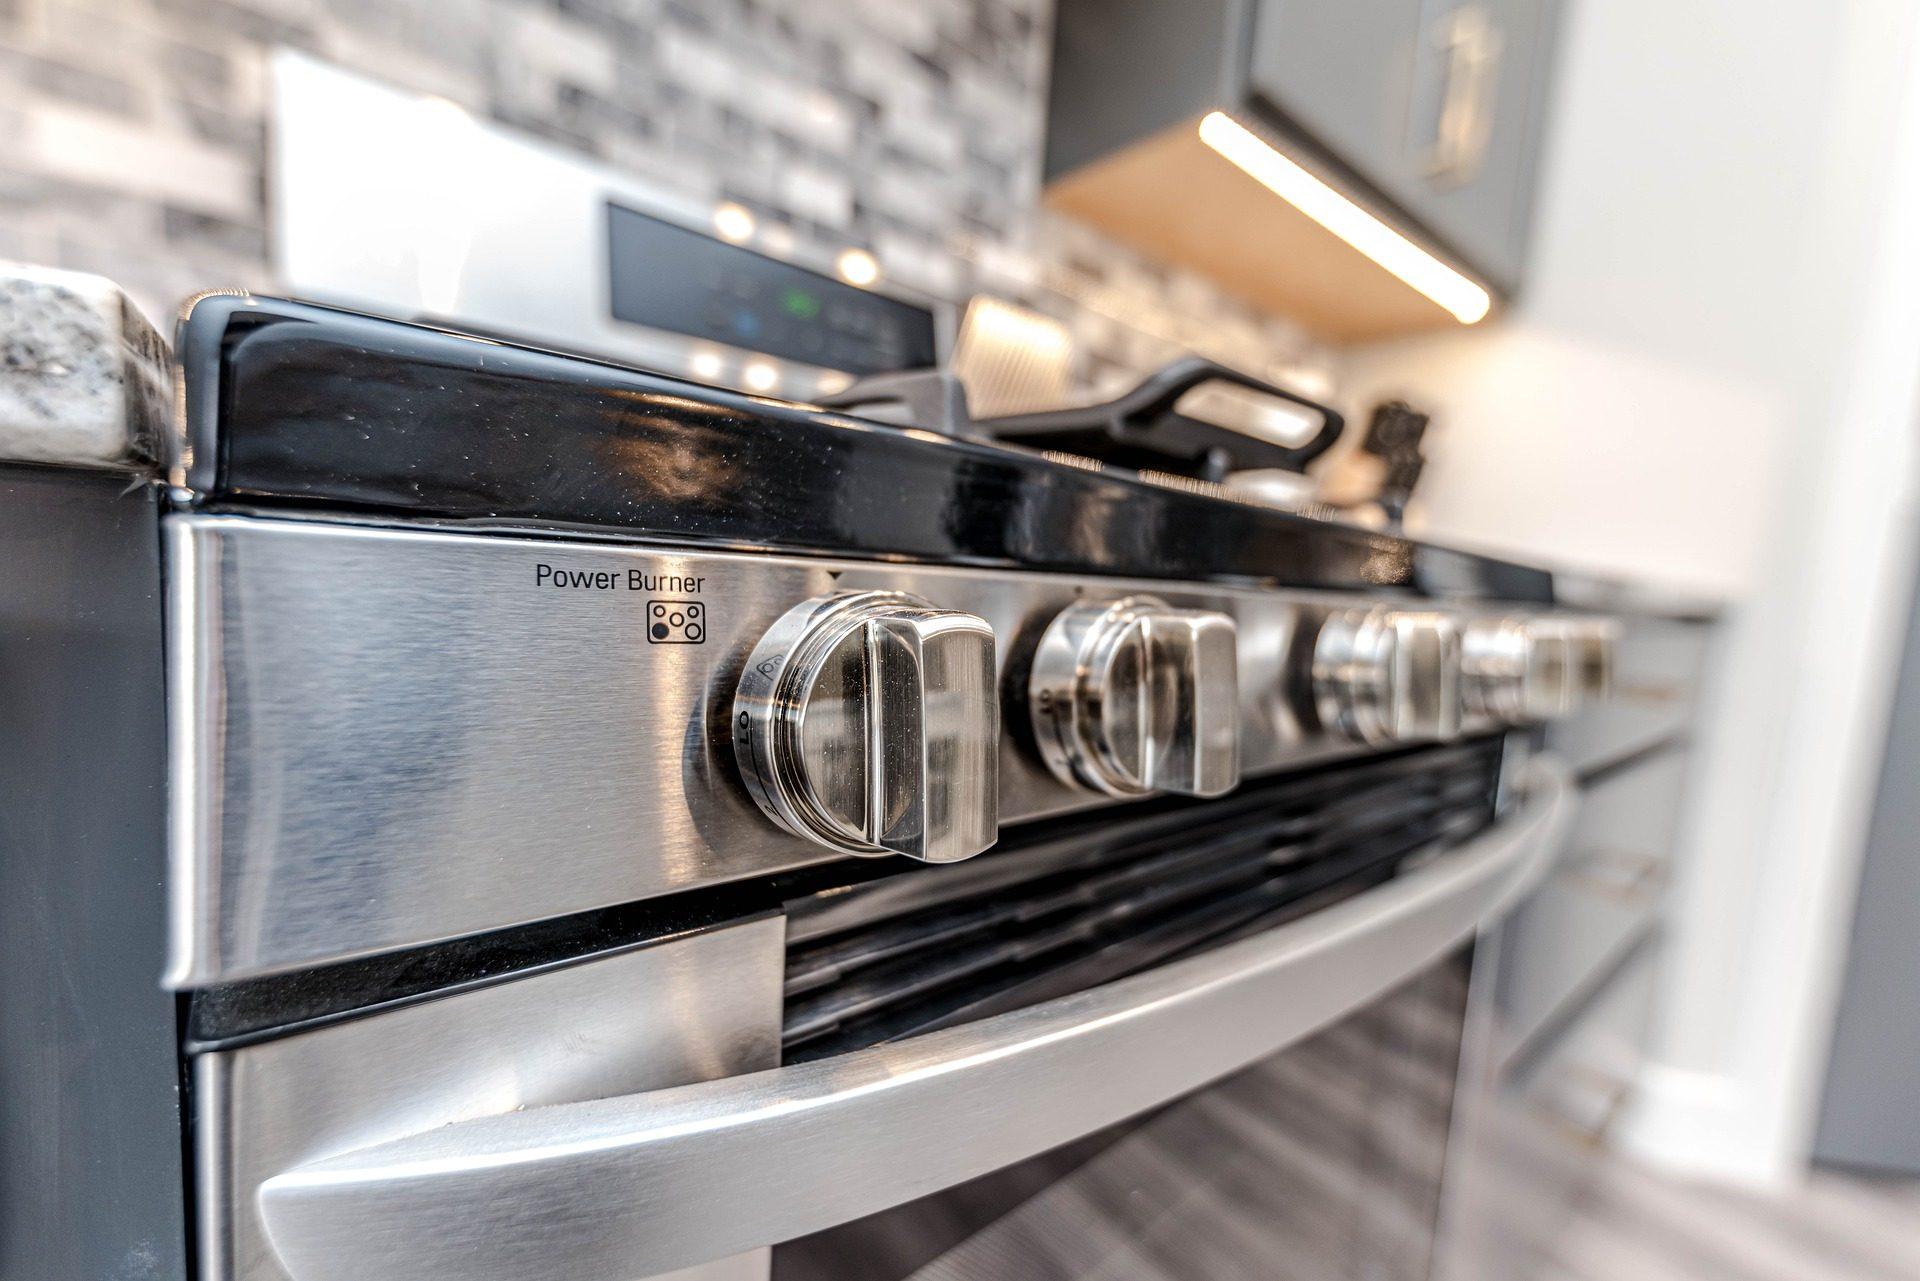 Pulire Ottone In Modo Naturale come pulire il forno senza detersivi con rimedi naturali